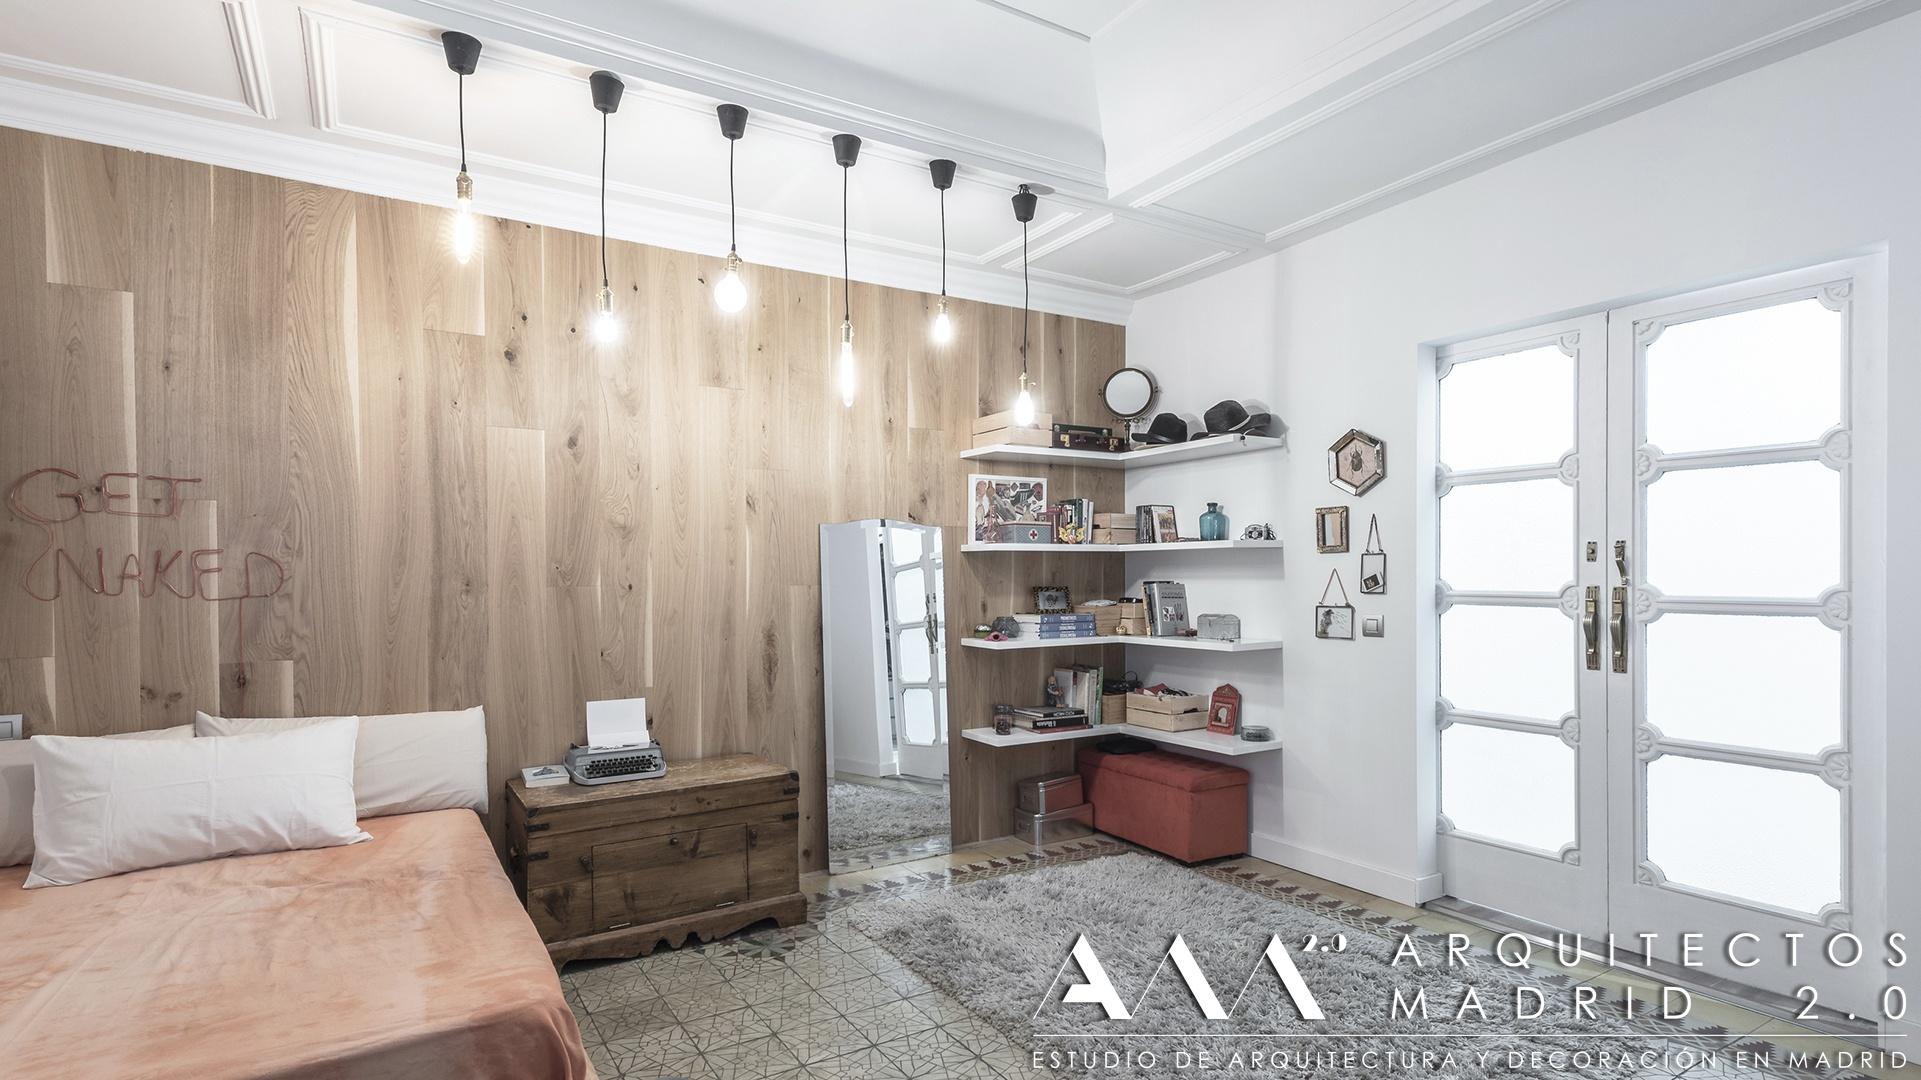 consejos-ideas-reformas-integrales-reformar-casa-salon-cocina-dormitorio-reforma-hogar-interior-decoracion-14